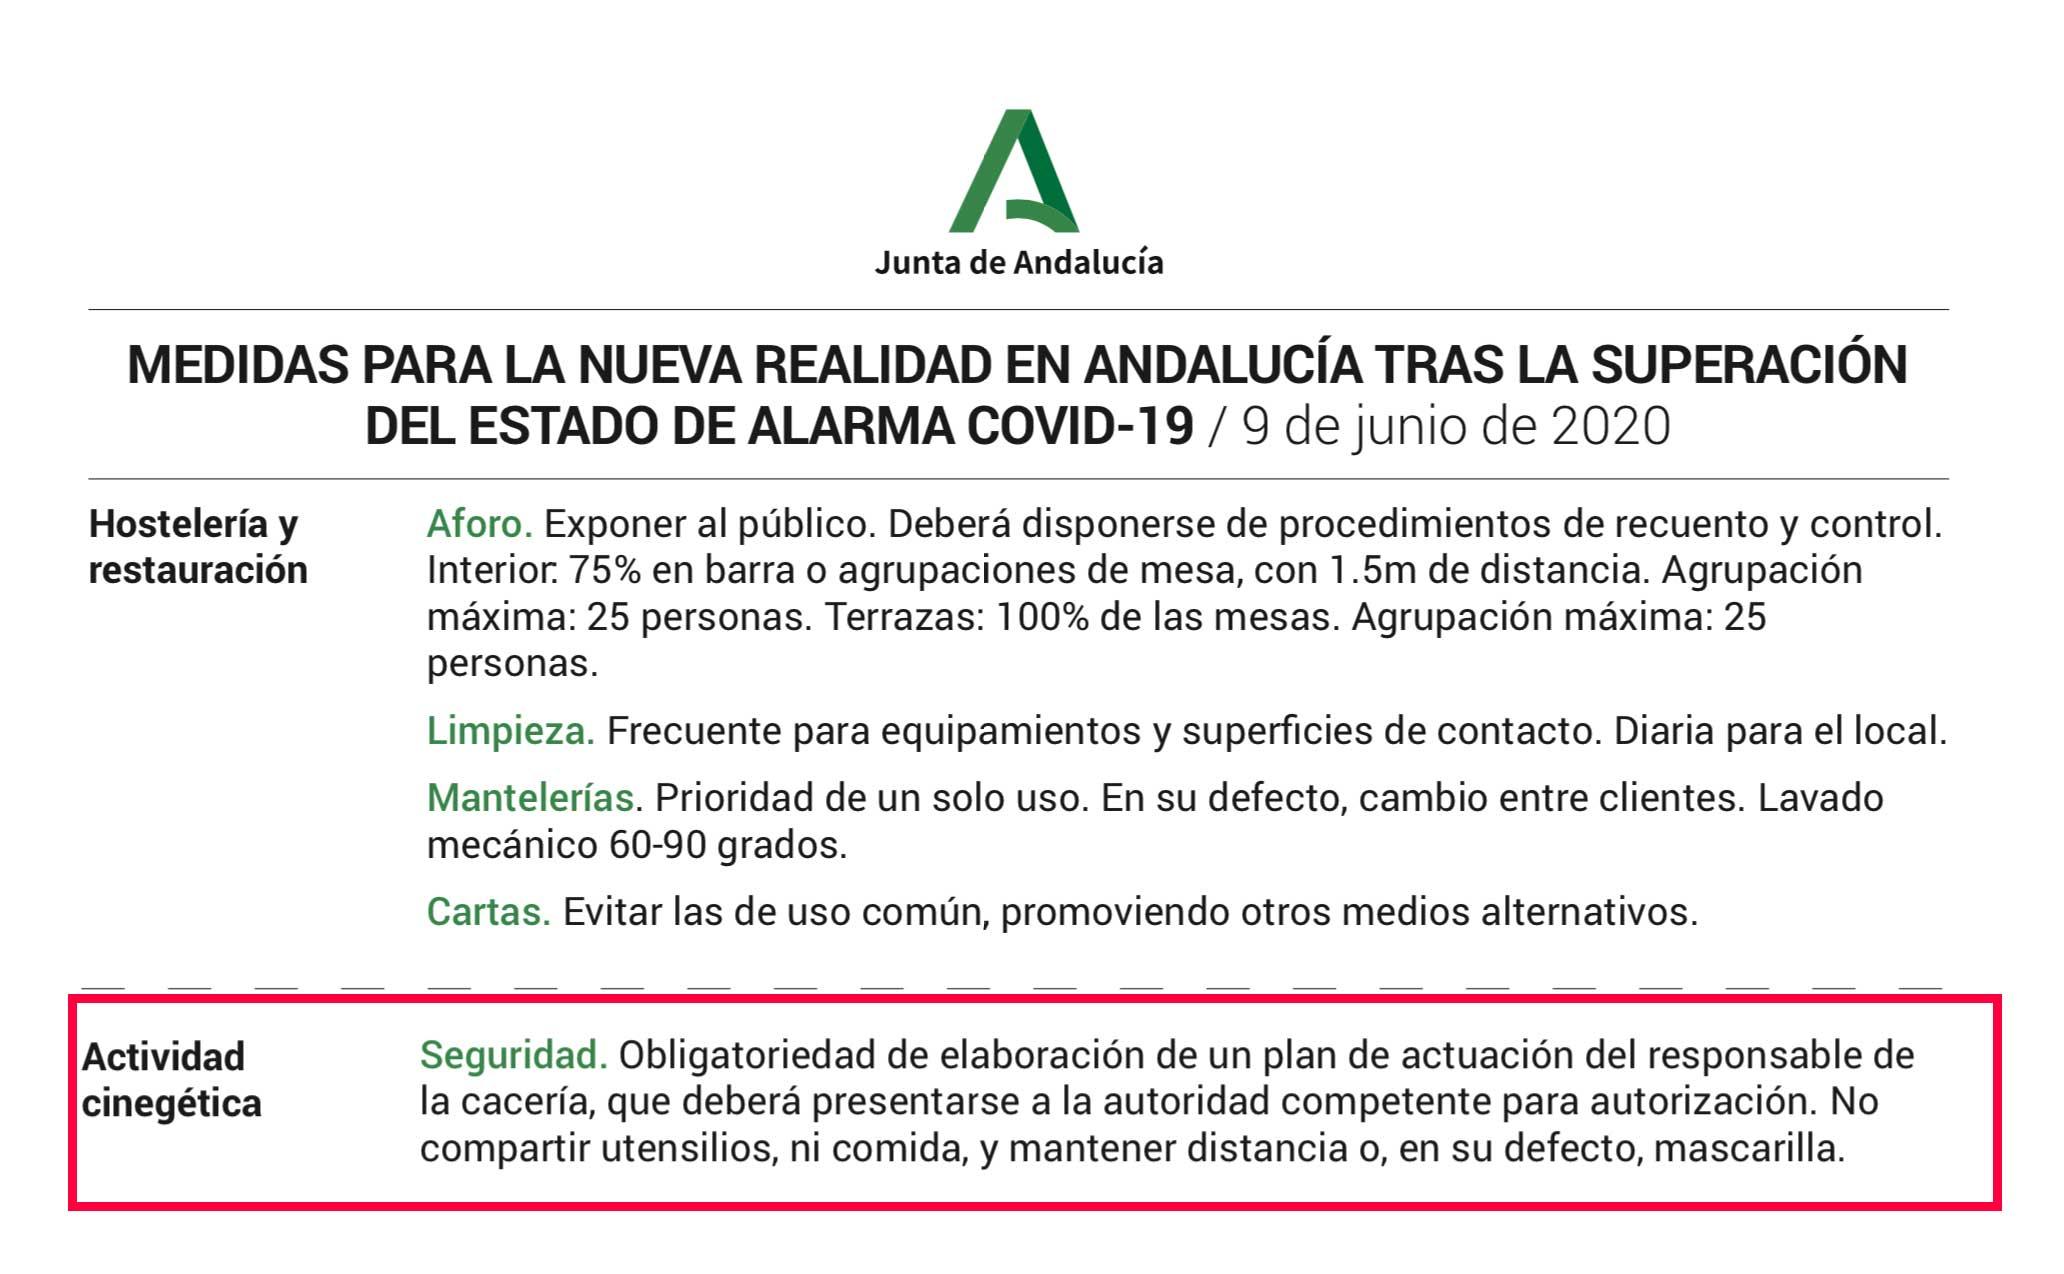 Medidas a tomar para la prevención del Covid-19 en Andalucía